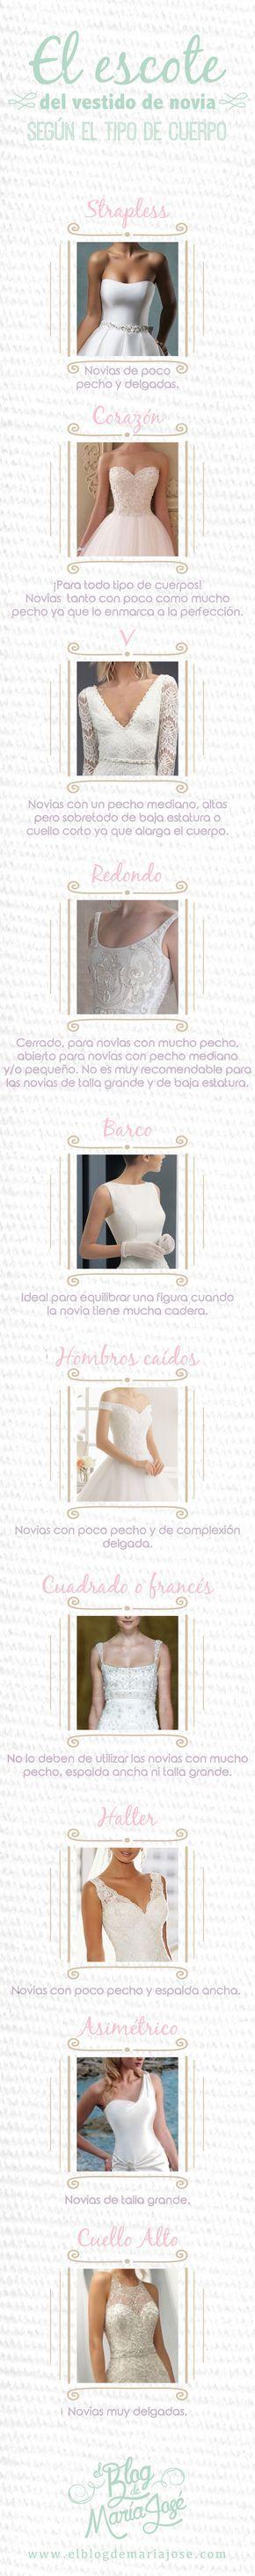 El escote del vestido de novia según el tipo de cuerpo #bodas #ElBlogdeMaríaJosé #EscoteVestidoNovia #VestidoNovia